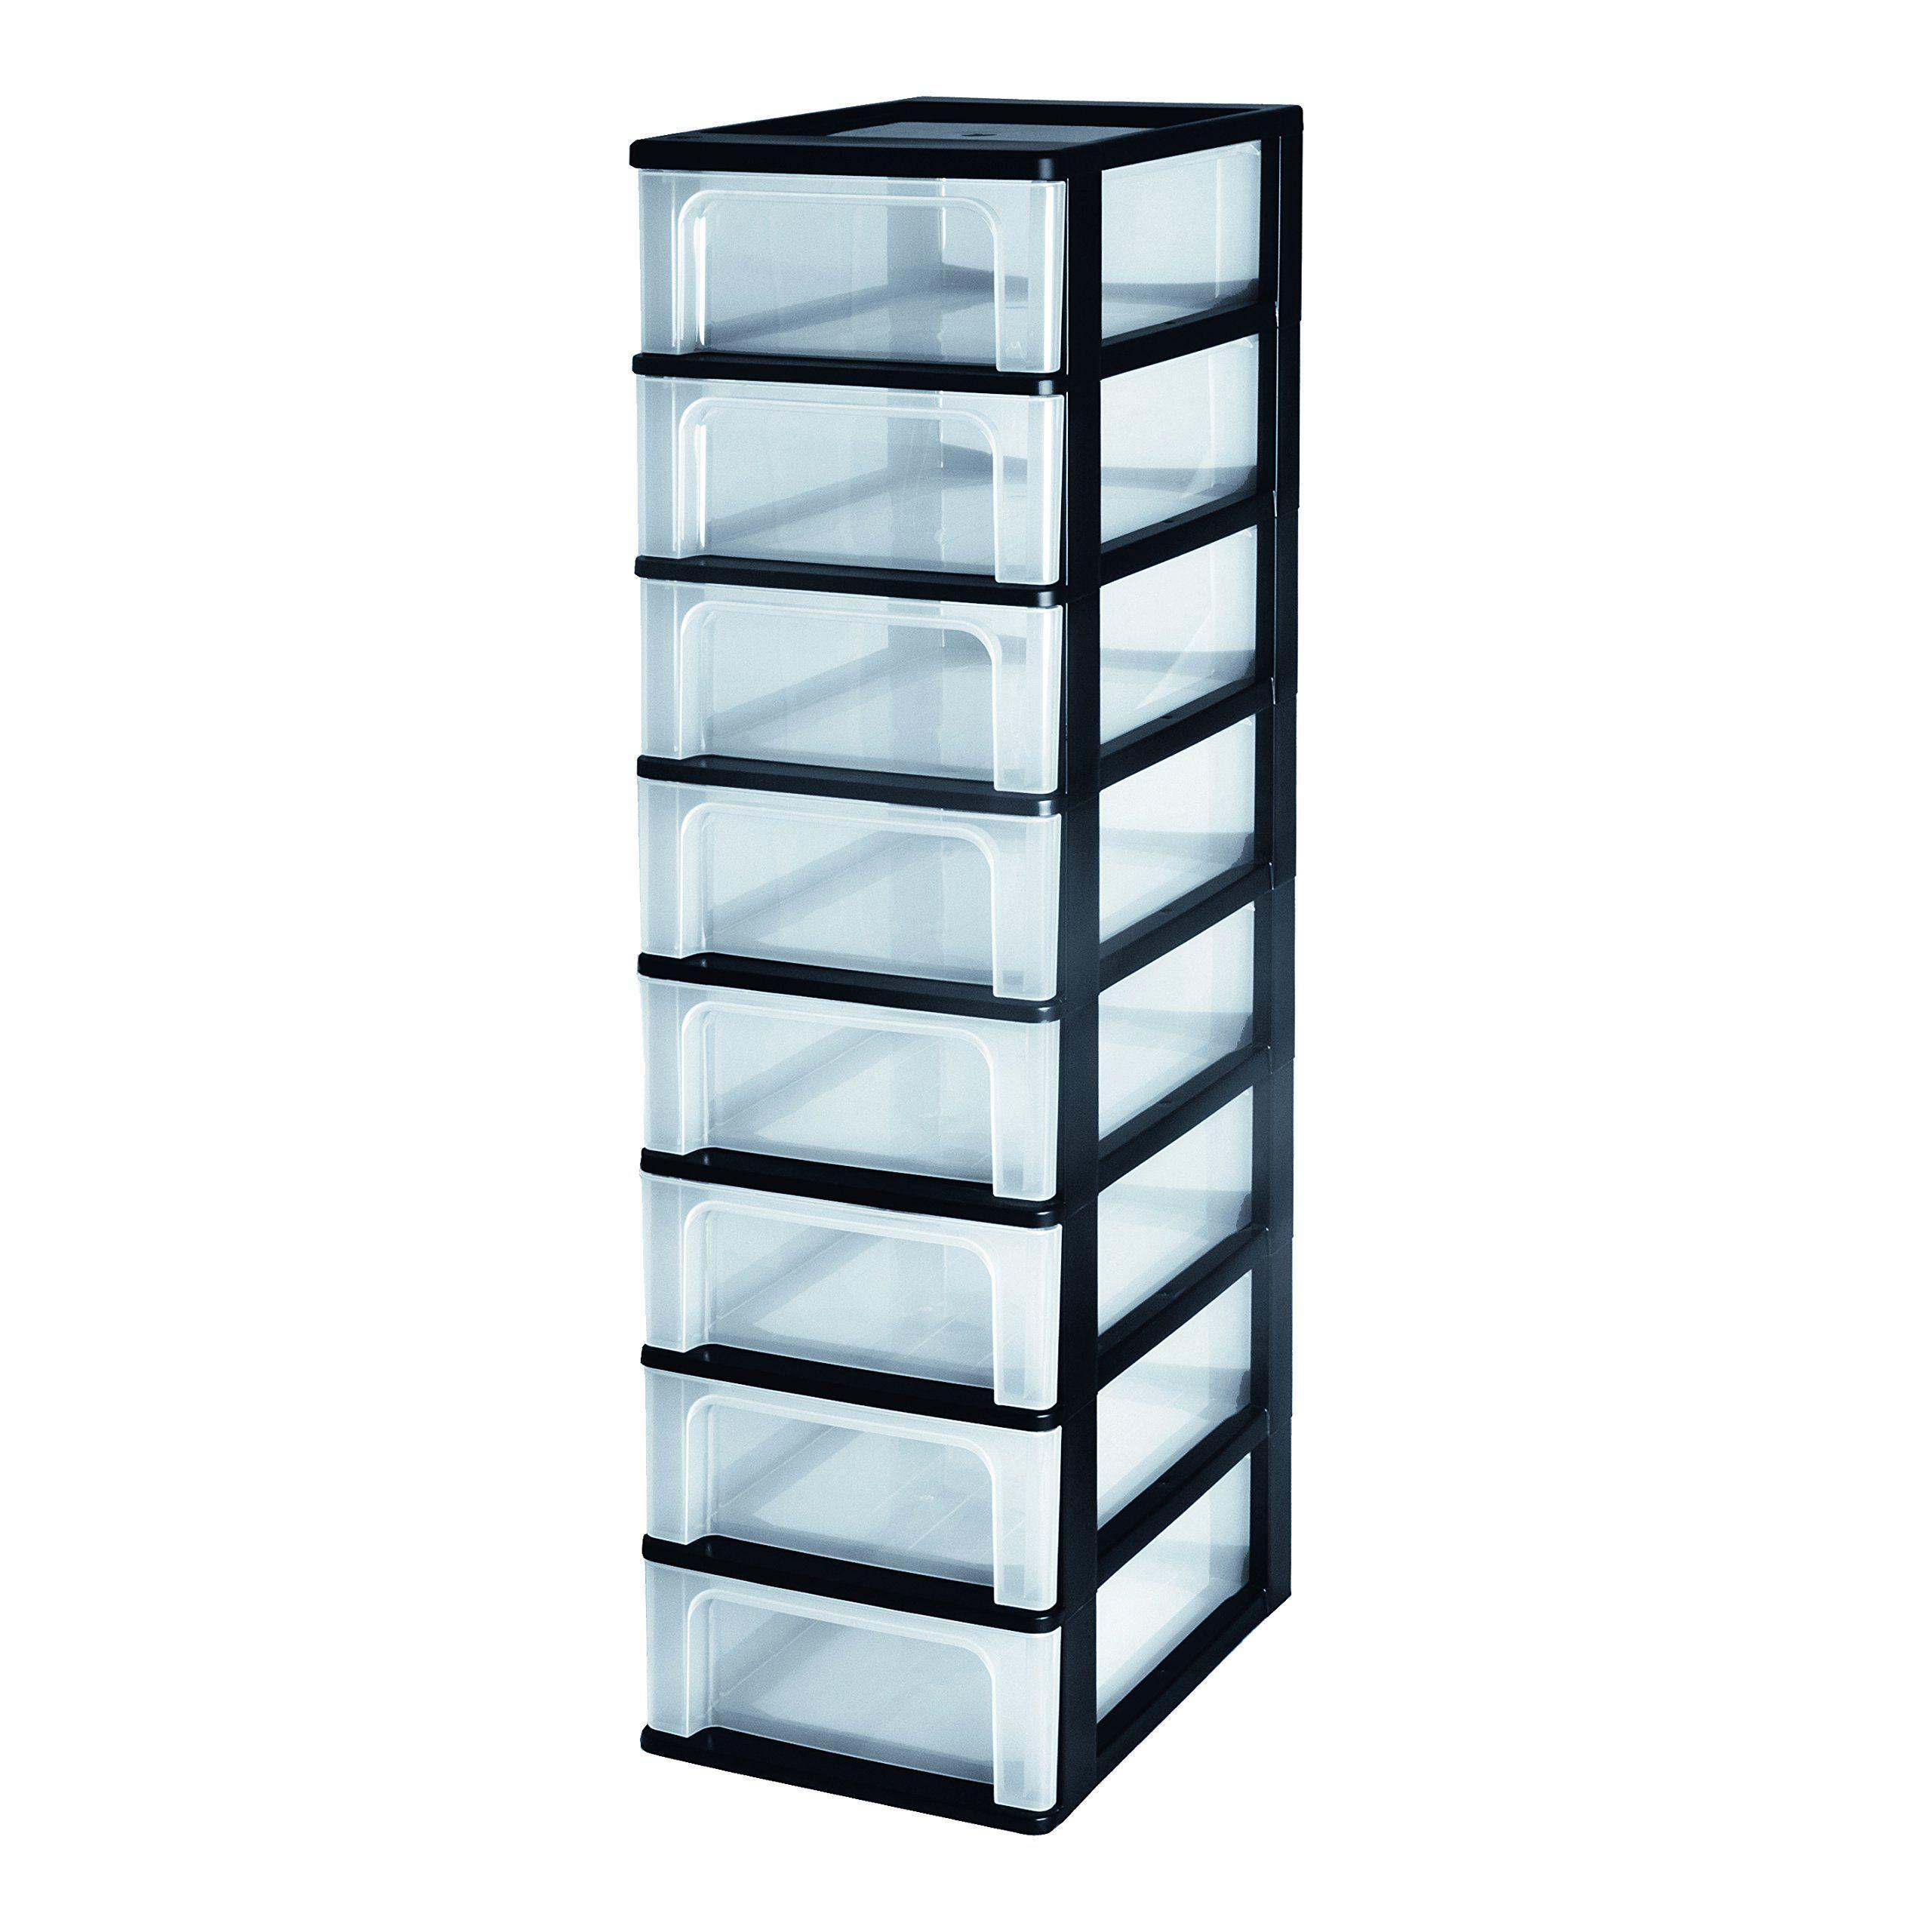 Iris Organizer Chest Och 2008 Schubladencontainer Schrank Kunststoff Schwarz Transparent 35 5 X 26 X 96 5 Cm Amazon De Kuche In 2020 Kunststoff Kasten Schrank